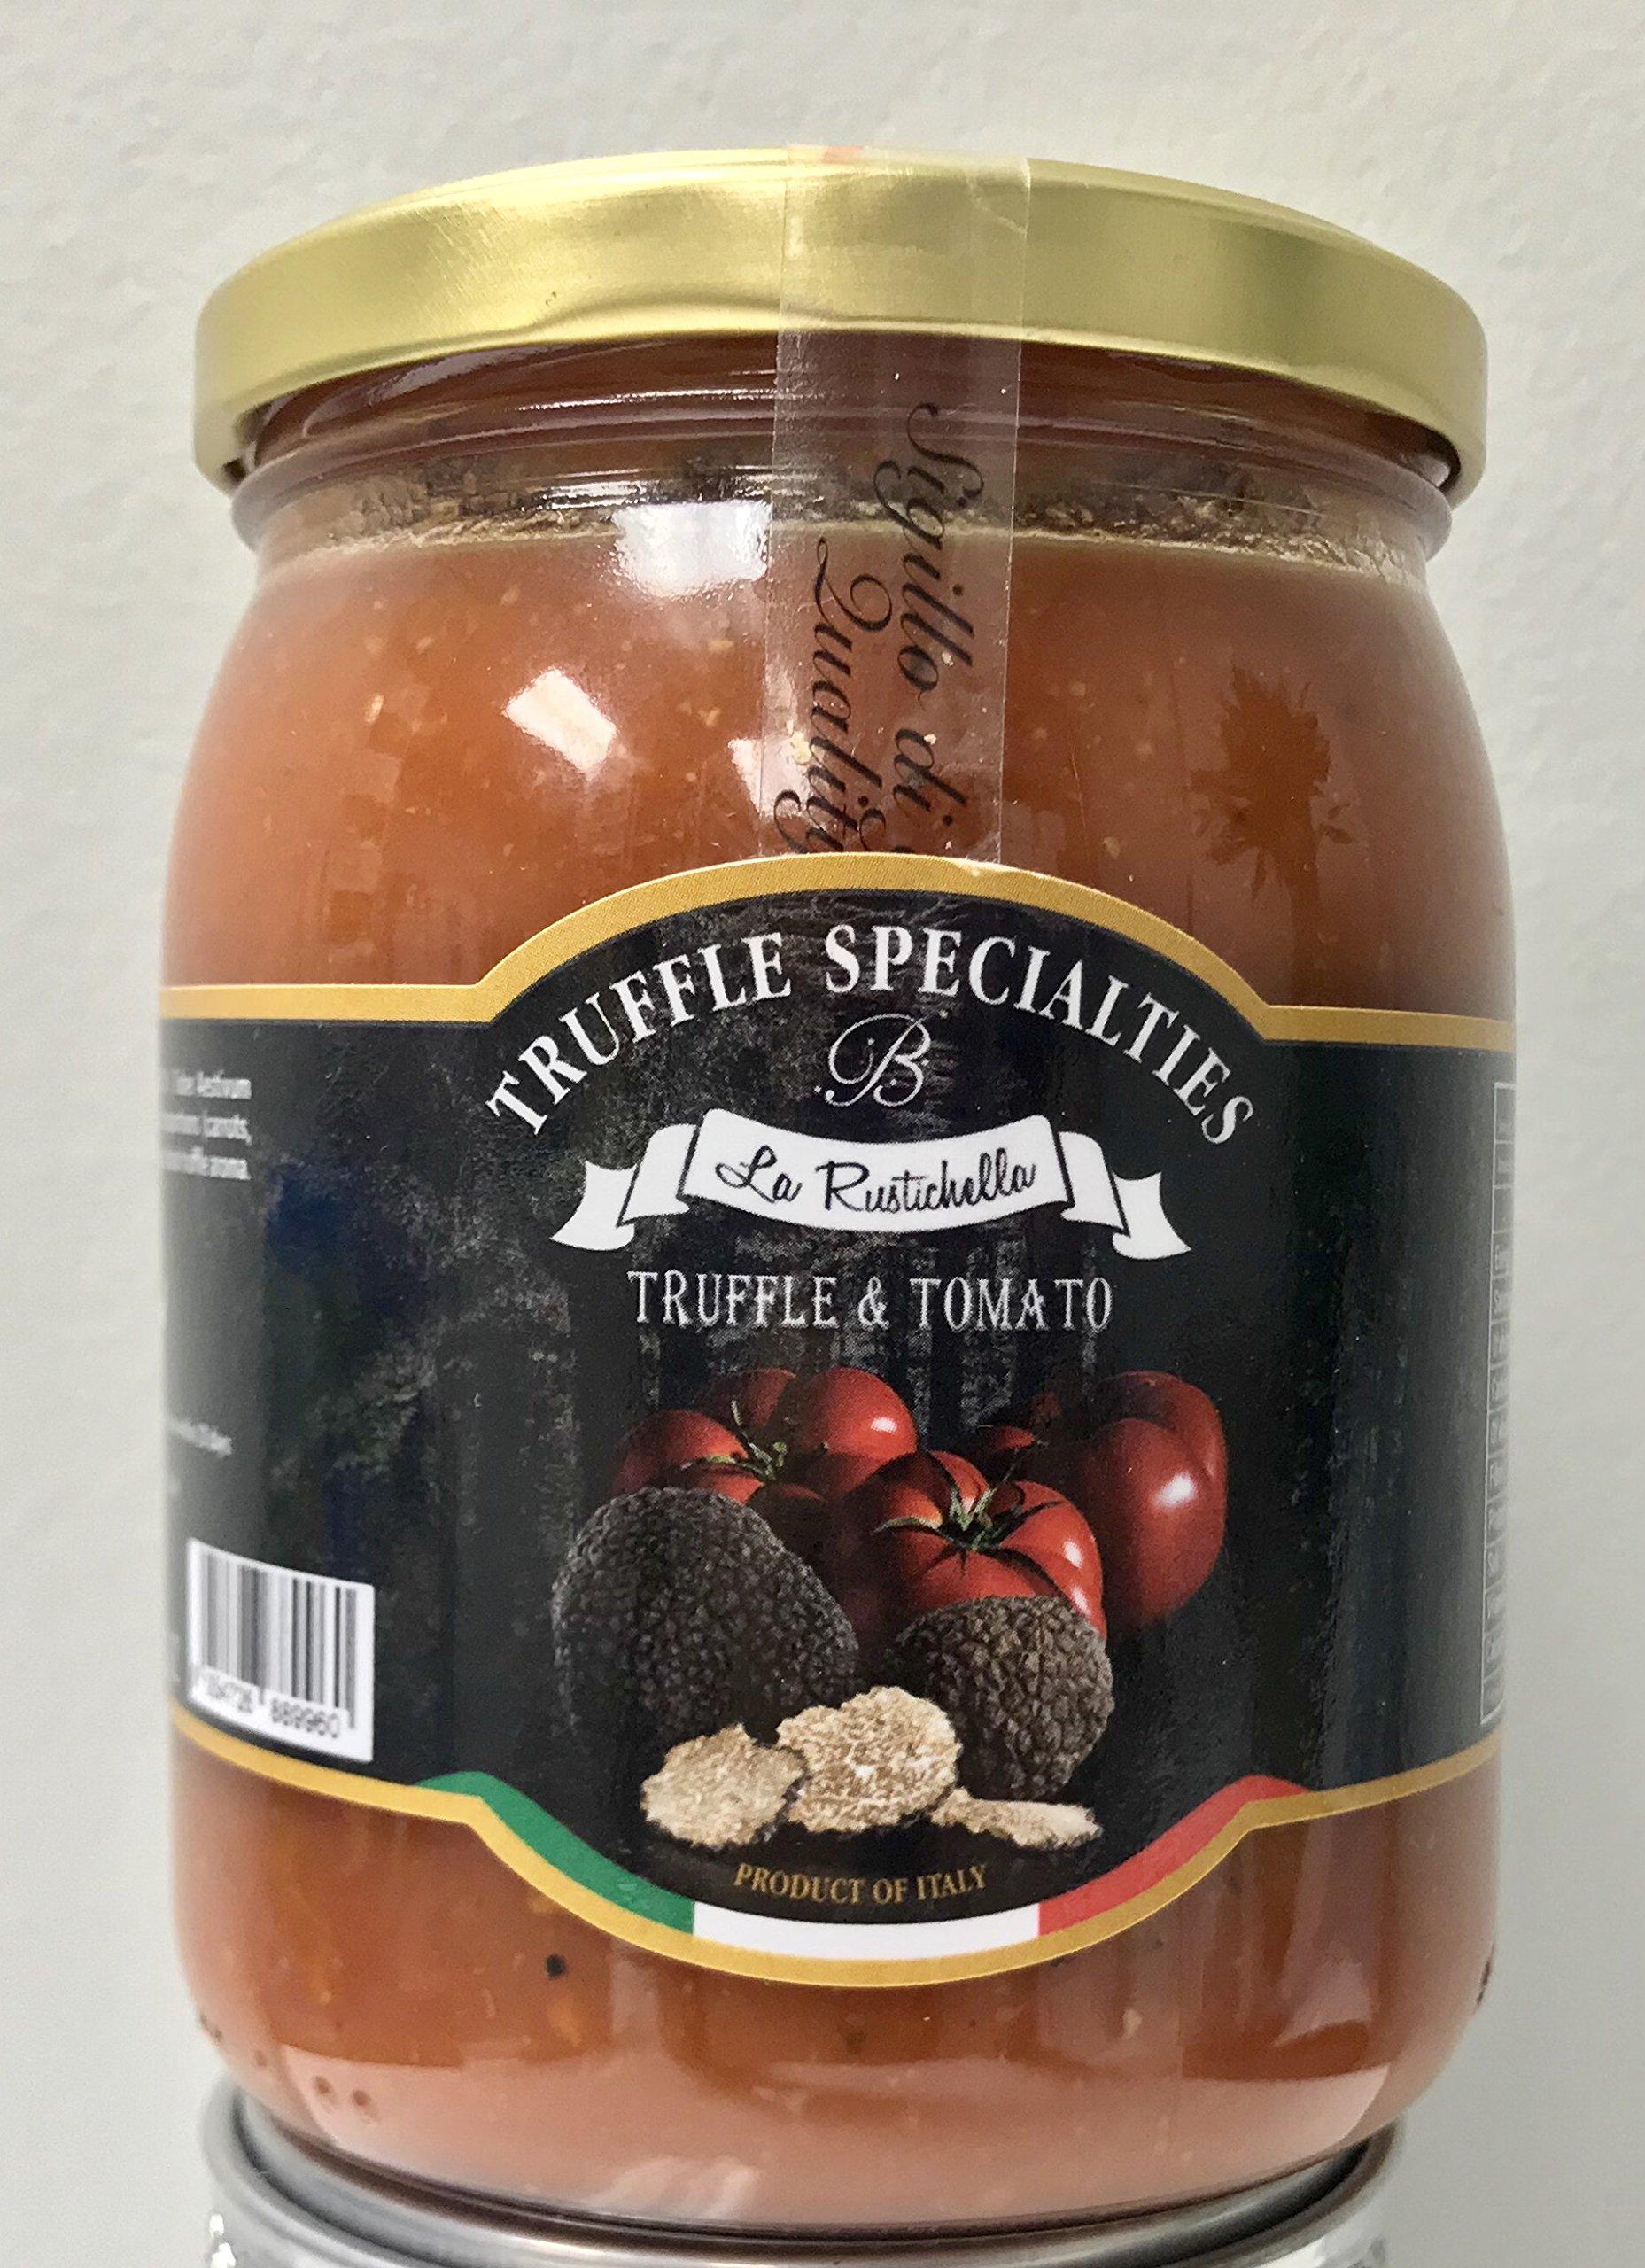 La Rustichella Truffle & Tomato Sauce (17.6oz) by La Rustichella